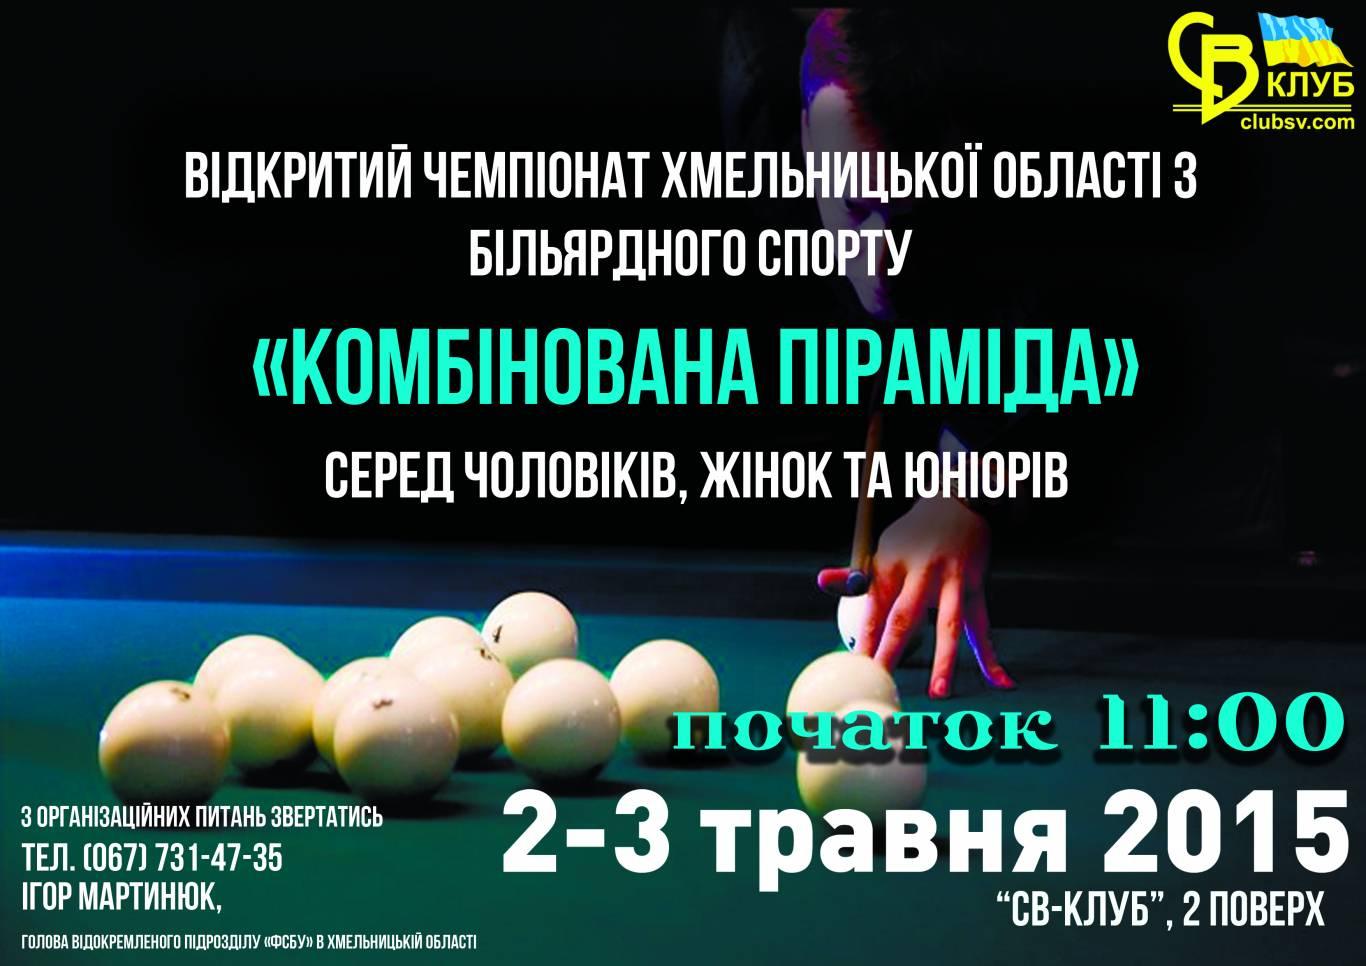 Відкритий чемпіонат з більярдного спорту